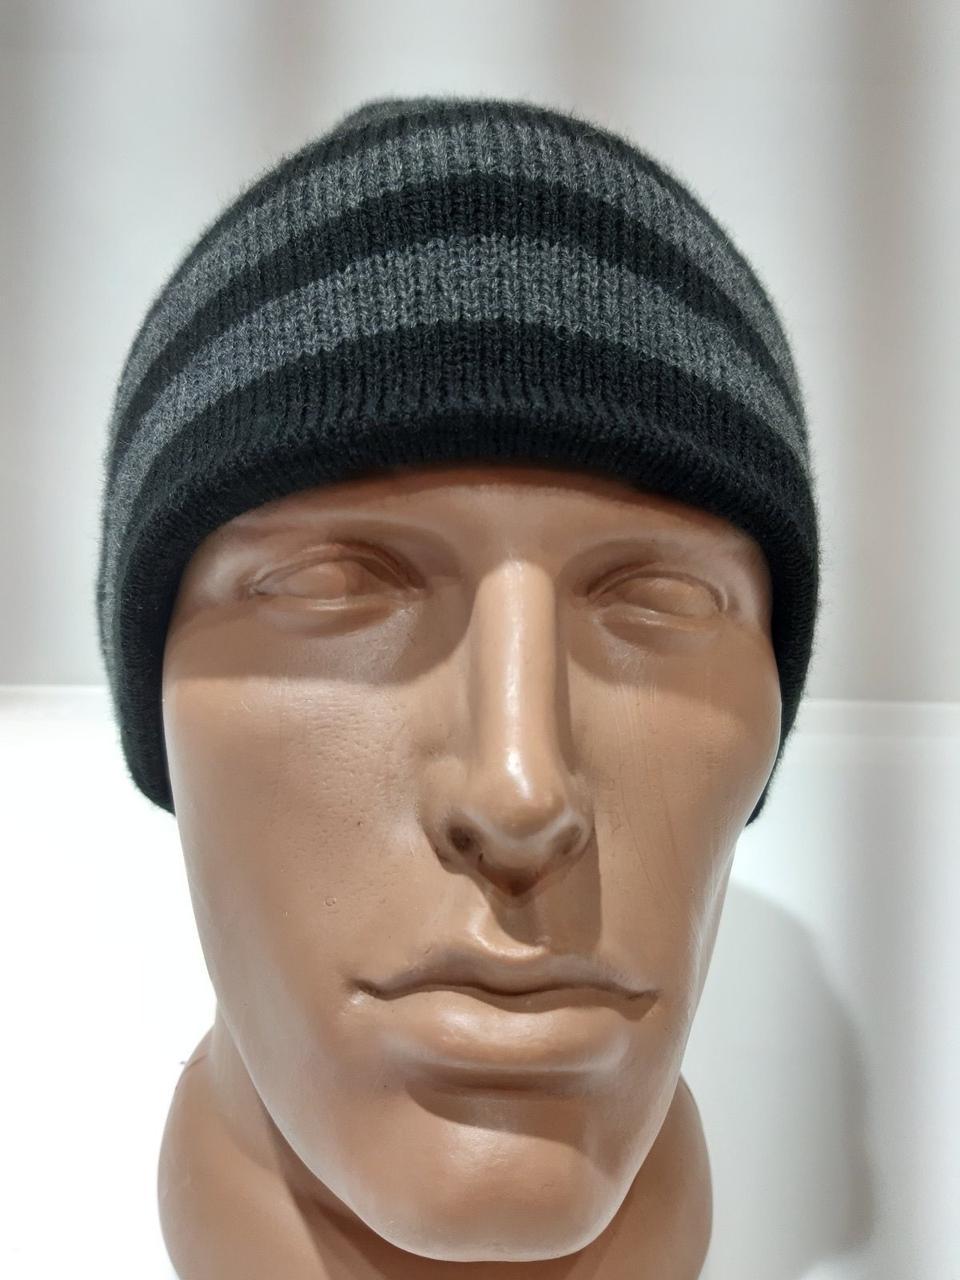 Зимняя мужская шапка на флисовой подкладке темно-серая